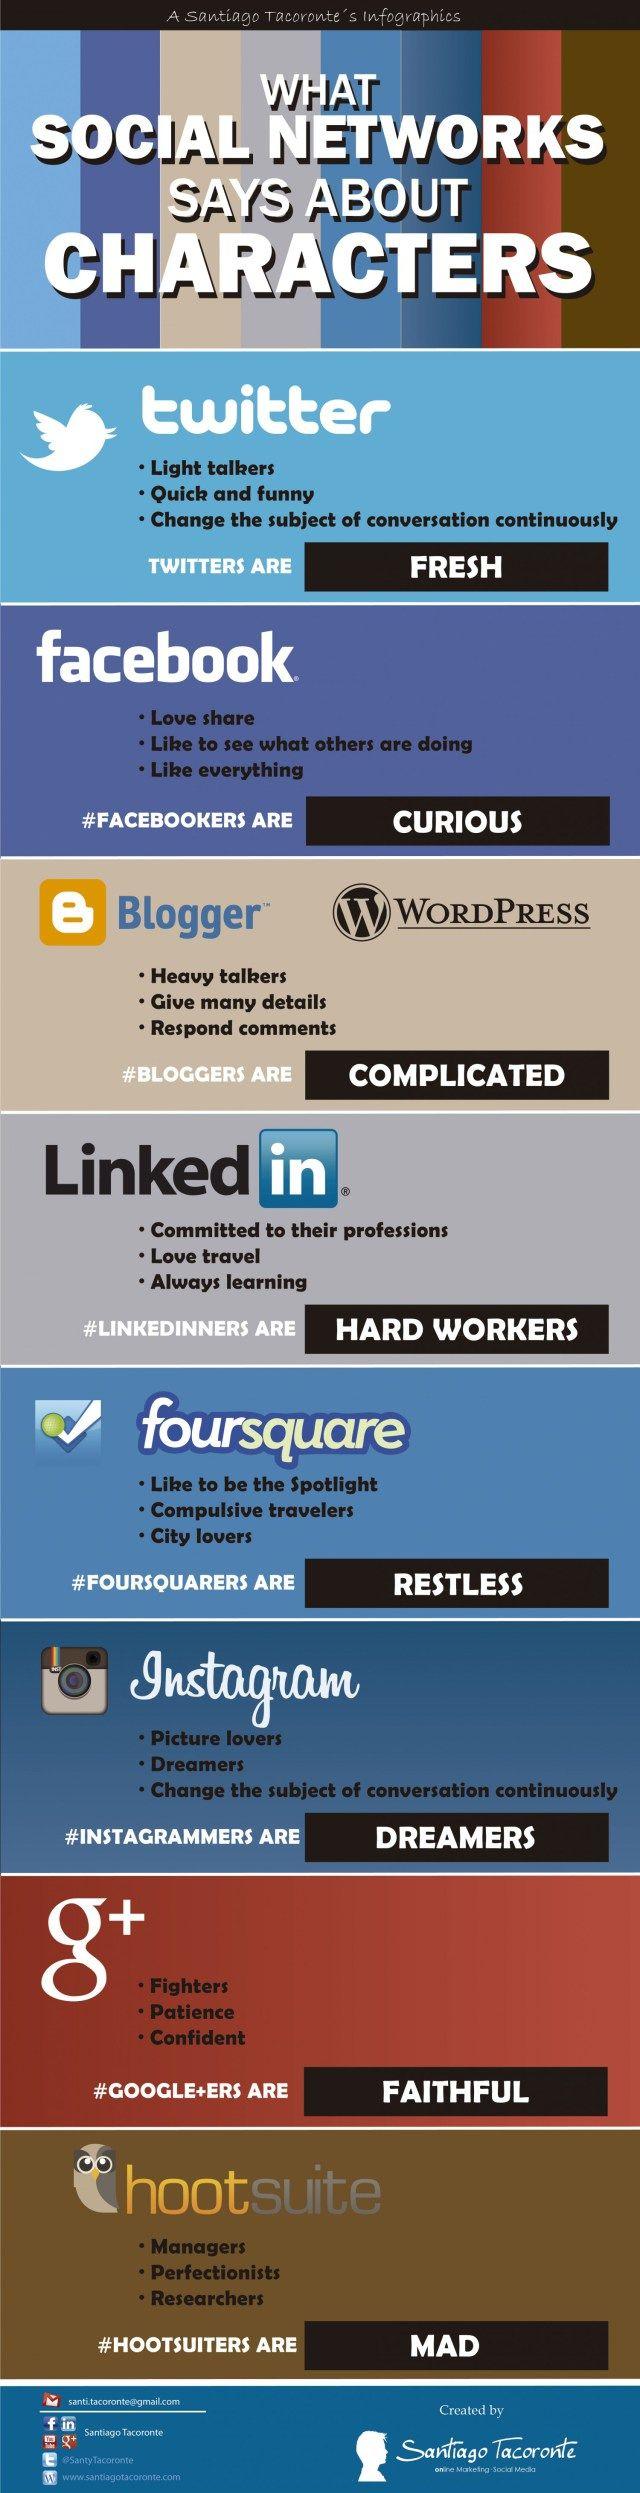 Dime tu Red Social y te digo cómo eres #infografia #infographic #socialmedia